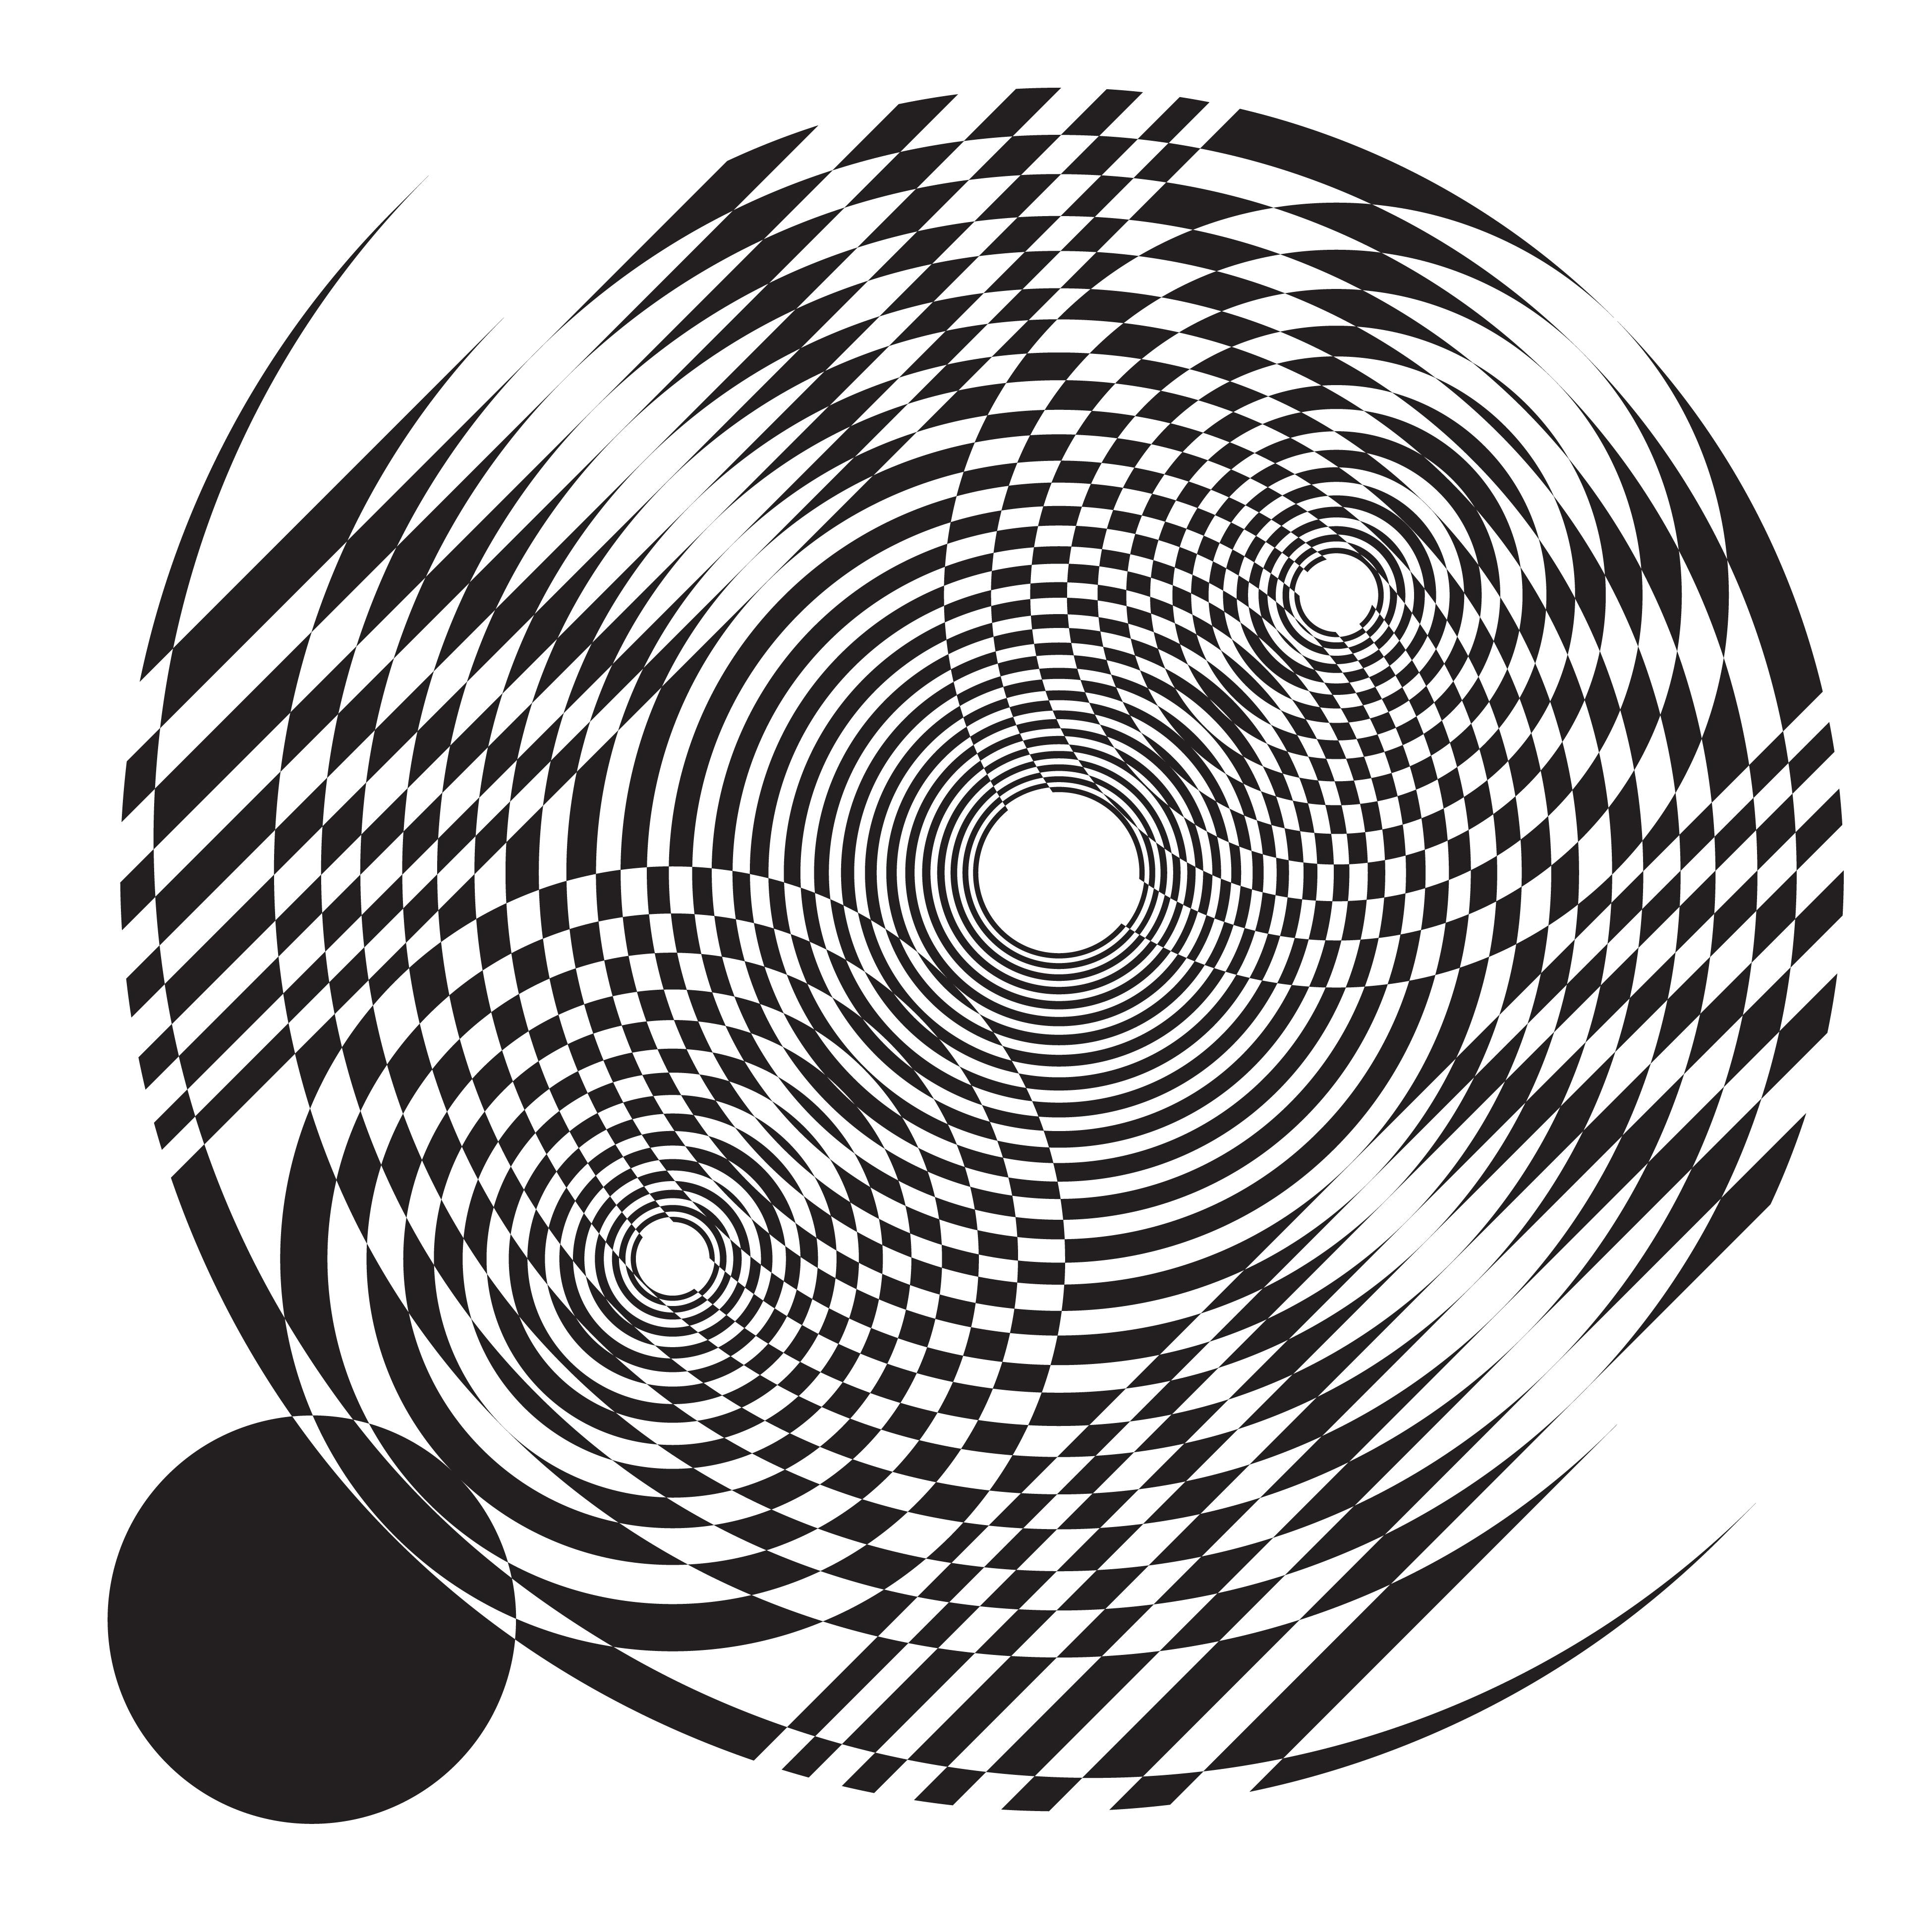 Intersezioni ottico – dinamiche n°32, 2016